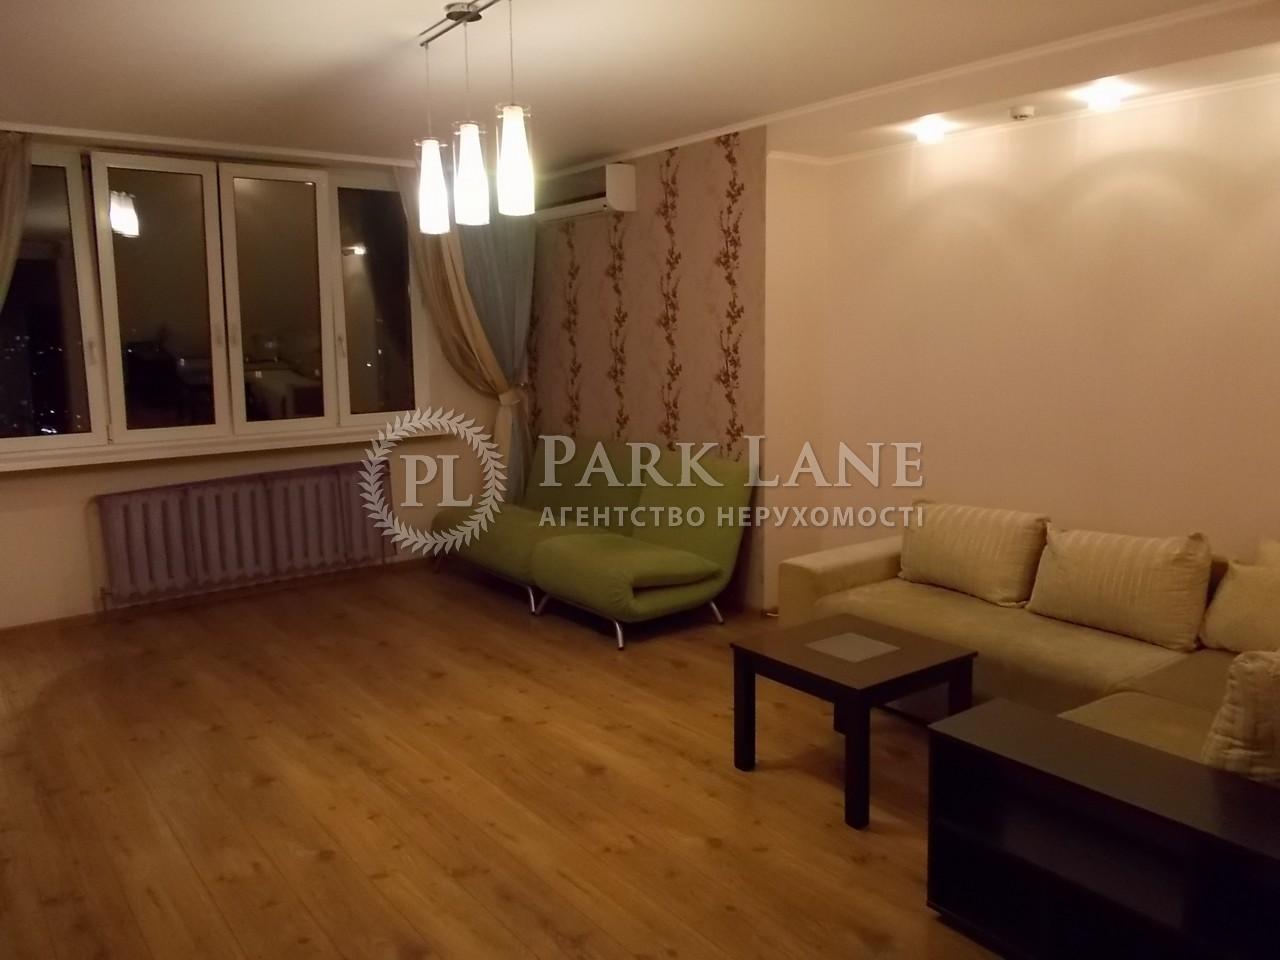 Квартира вул. Срібнокільська, 1, Київ, M-11279 - Фото 3